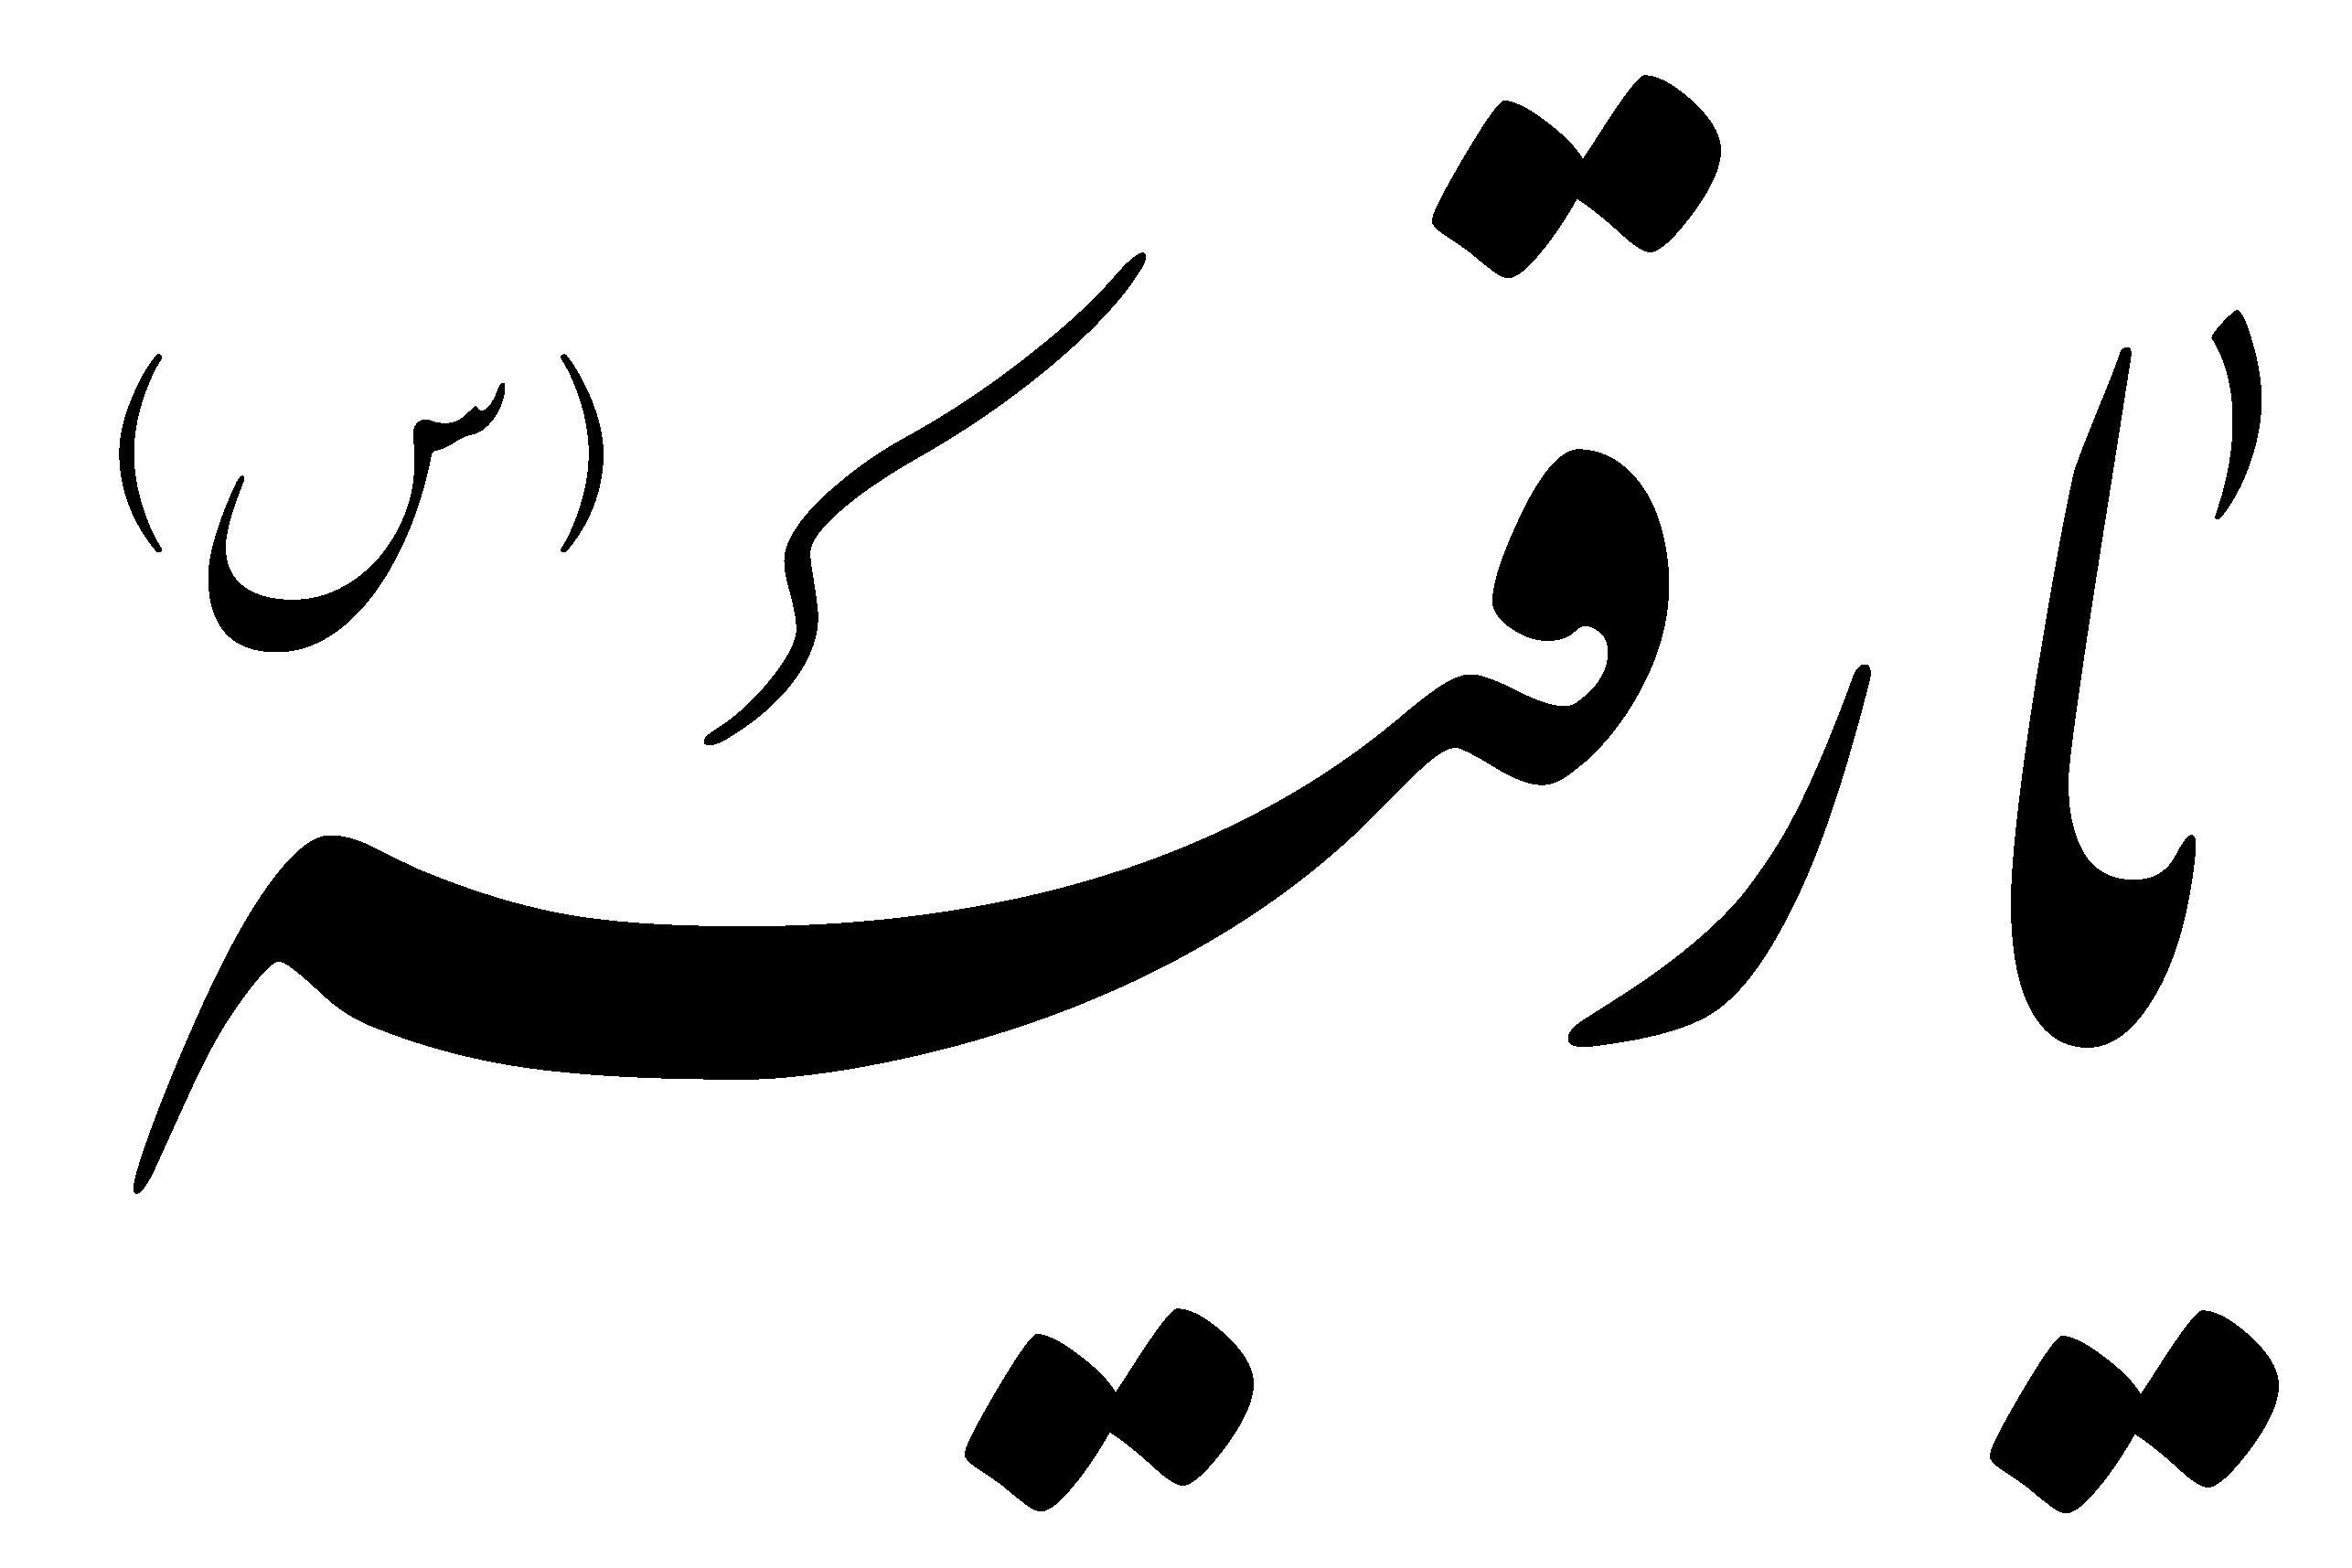 Khat-00156-yasinmedia.com